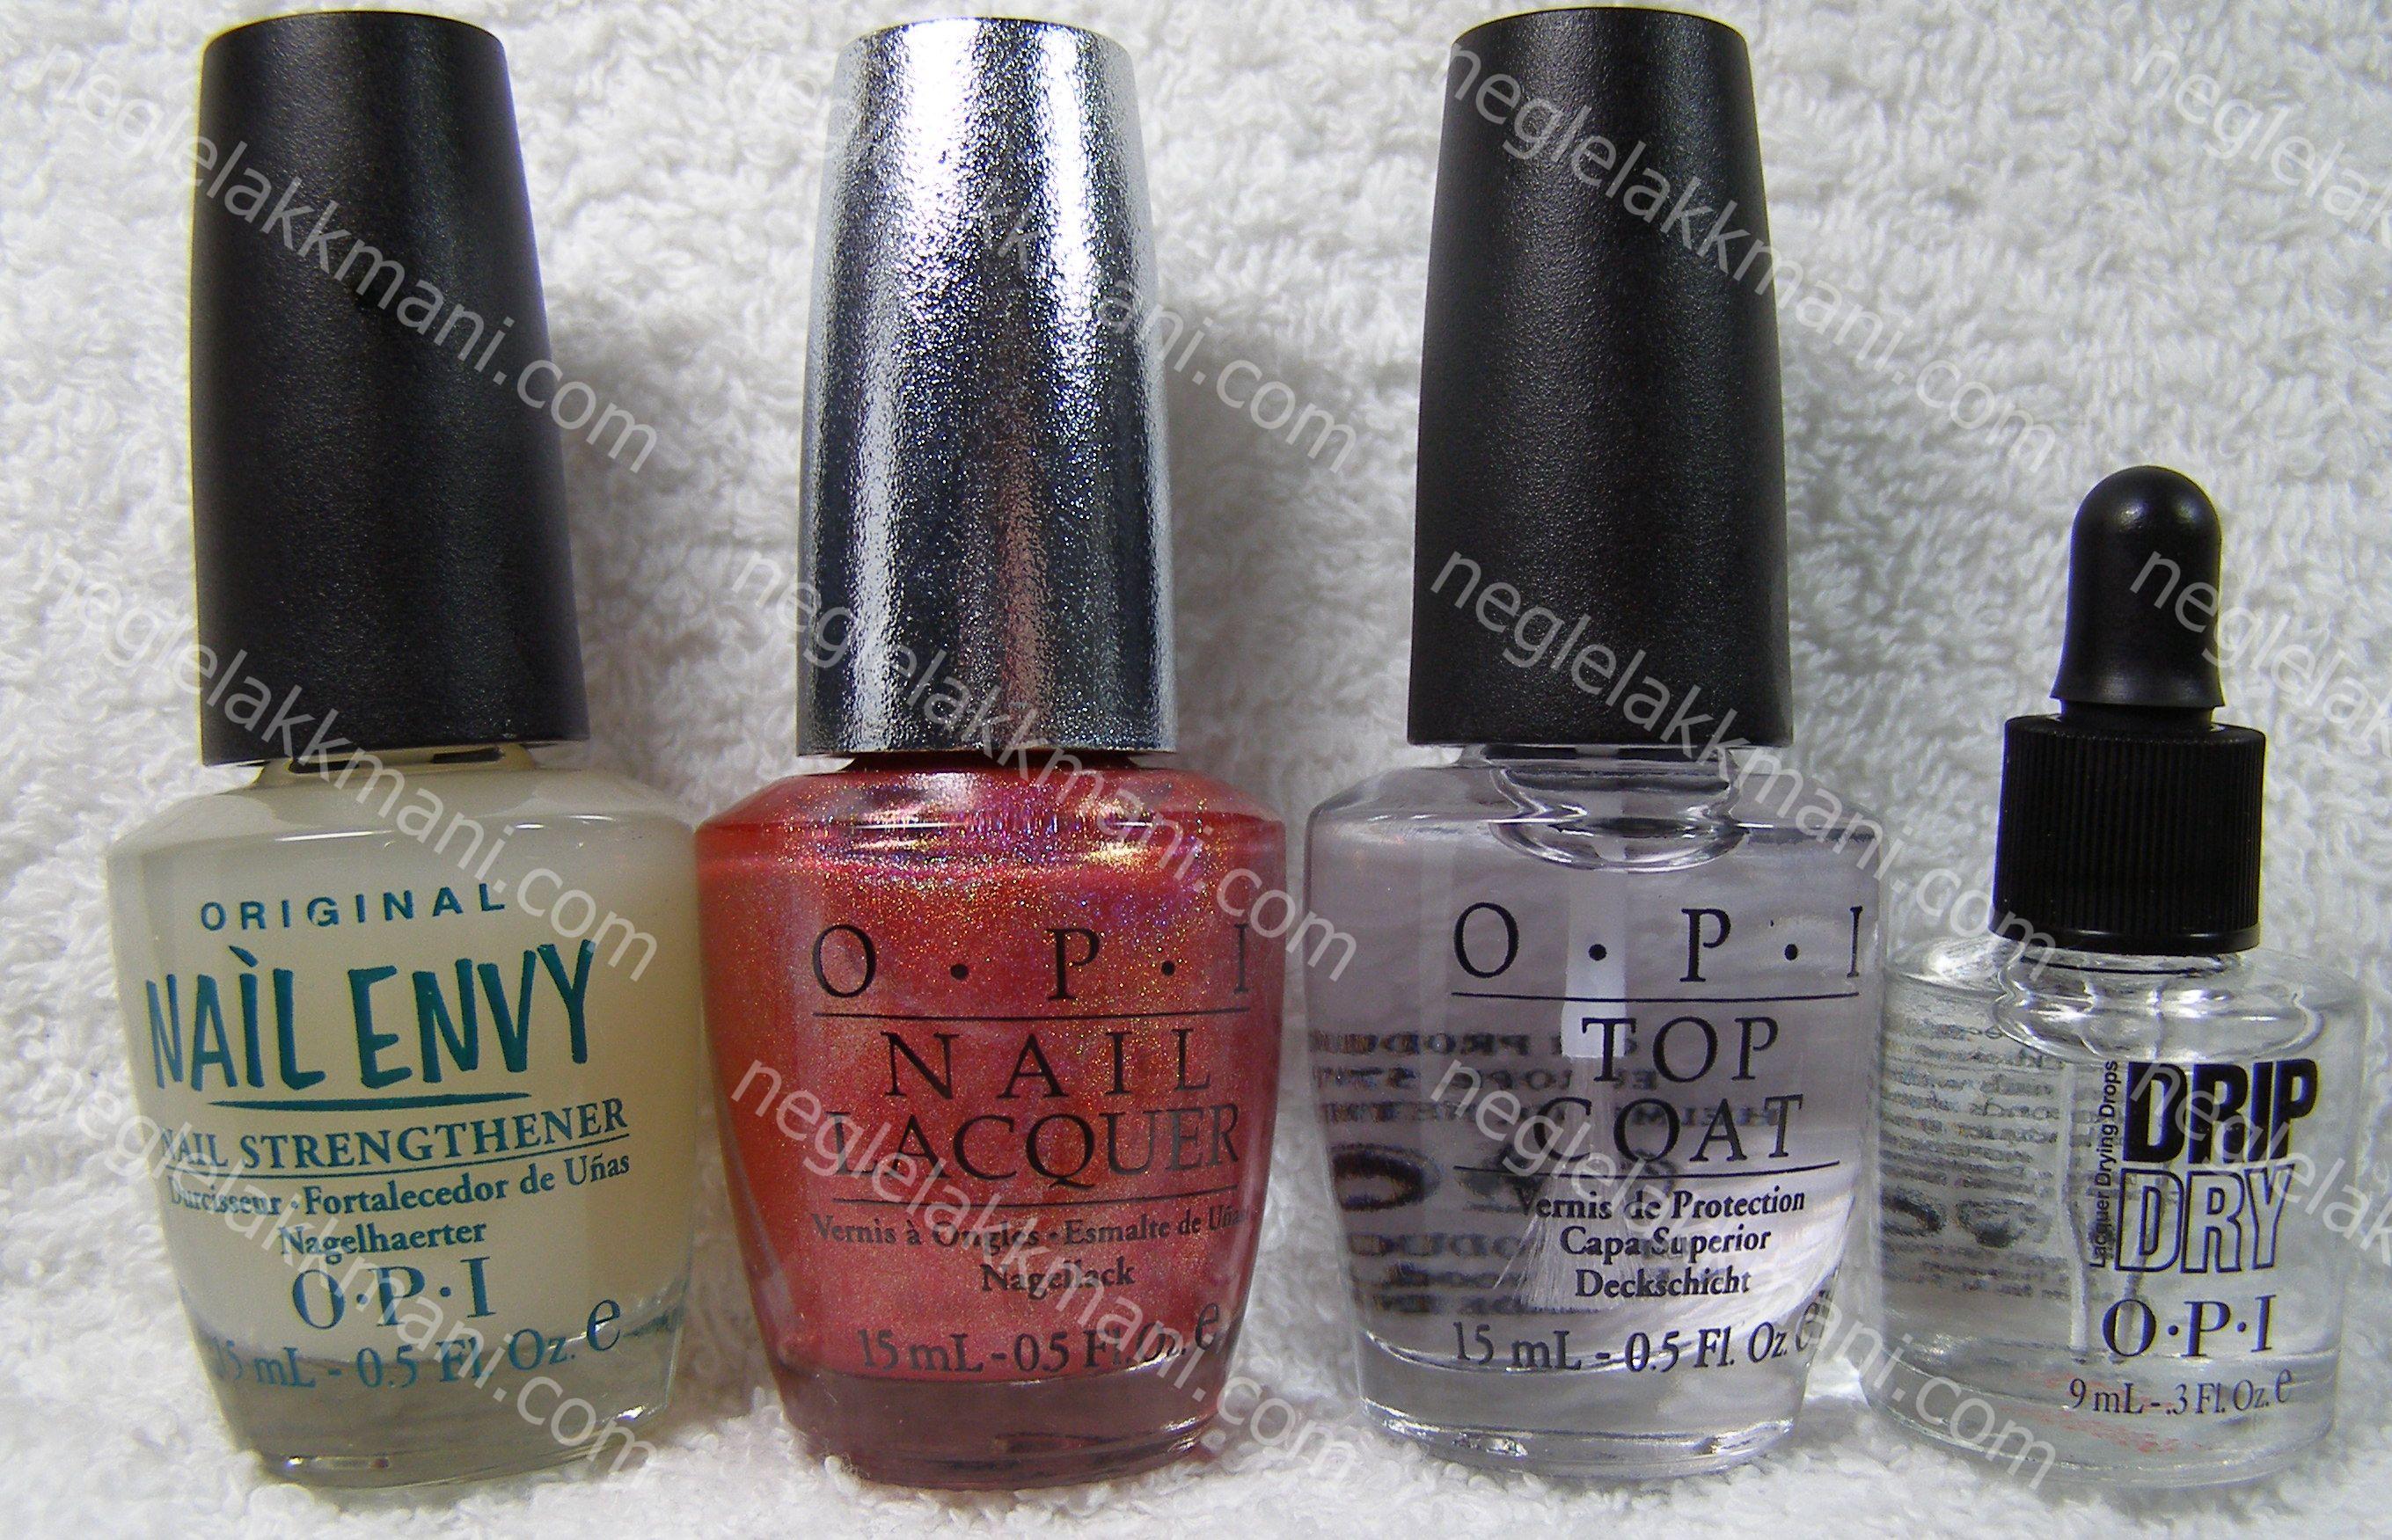 OPI Nail Envy, OPI DS ruby, OPI Top Coat & OPI Drip Dry